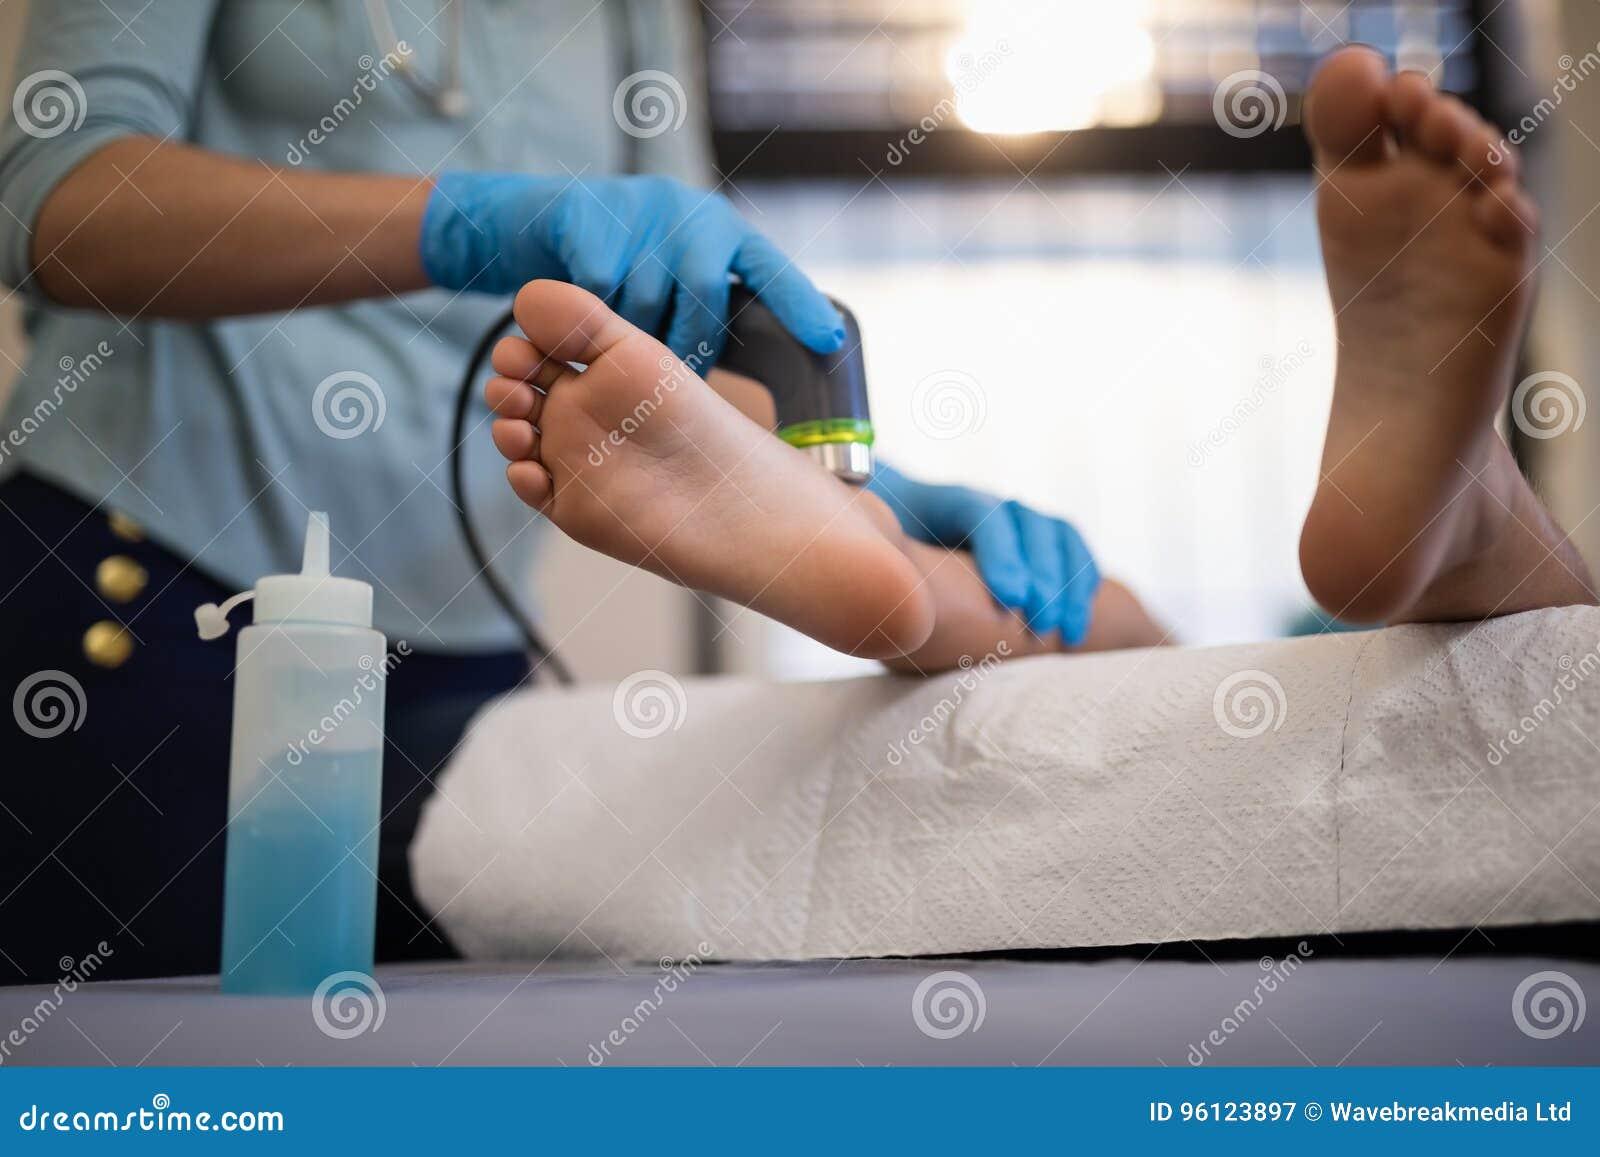 Χαμηλό τμήμα του αγοριού που λαμβάνει την ανίχνευση υπερήχου στα πόδια από το θηλυκό φυσιοθεραπευτή